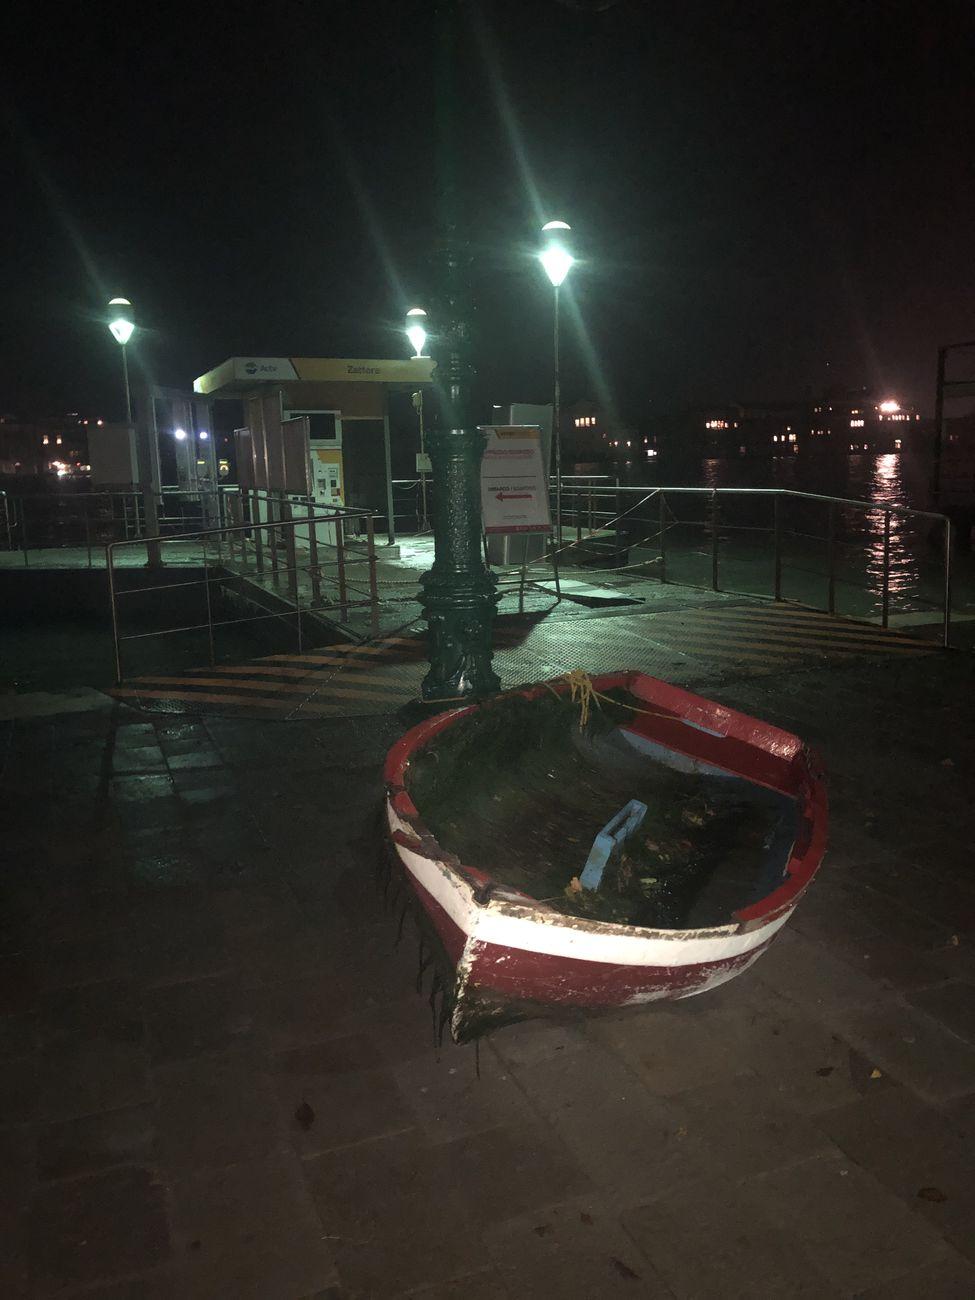 Acqua alta a Venezia, novembre 2019, photo Giovanni Leone